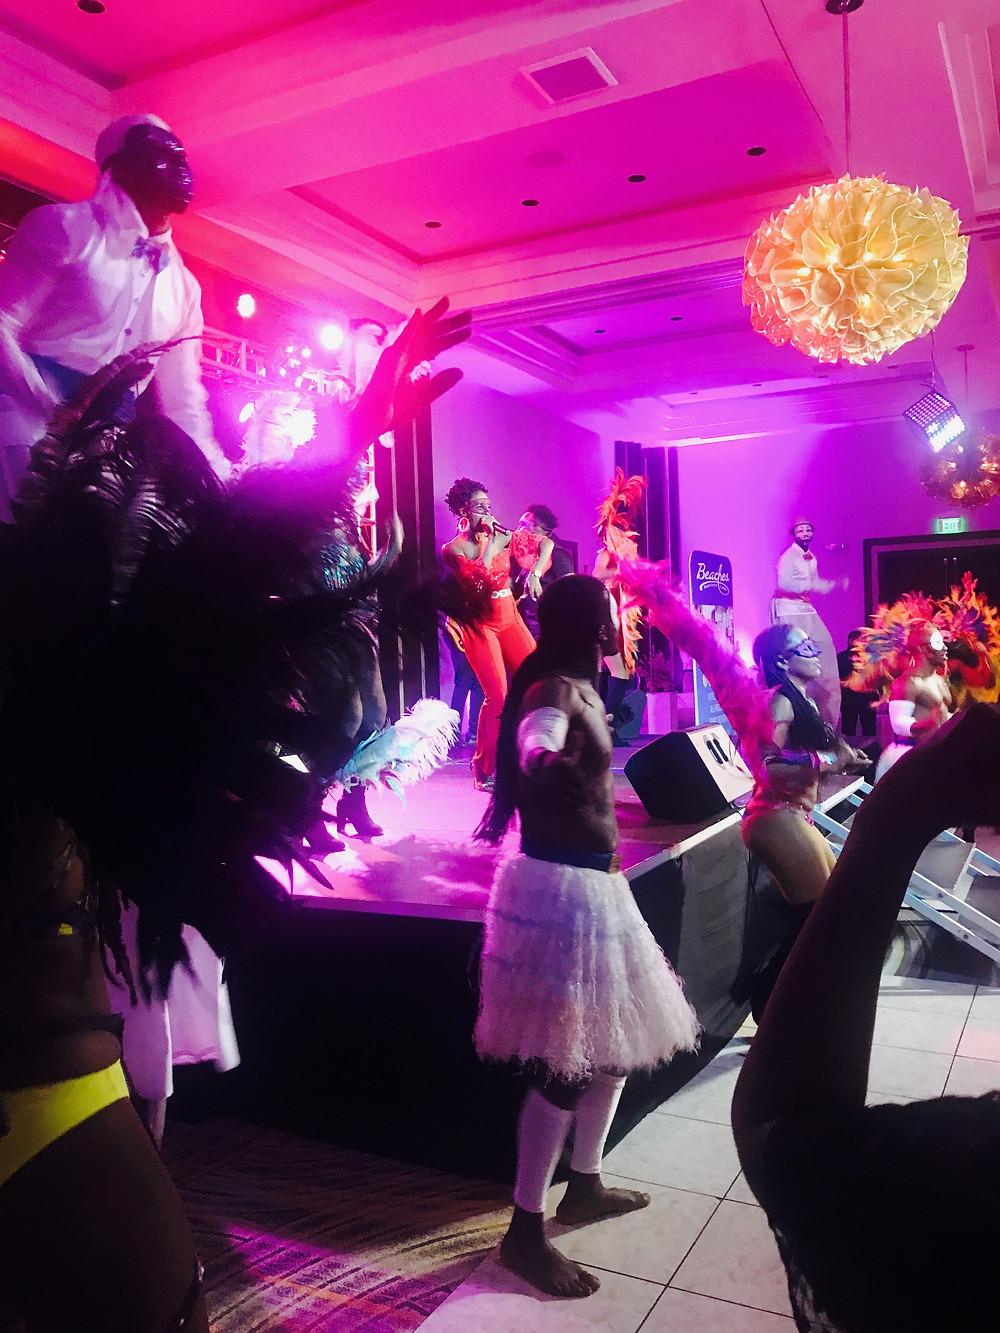 Indoor masquerade party at Sandals Royal Barbados